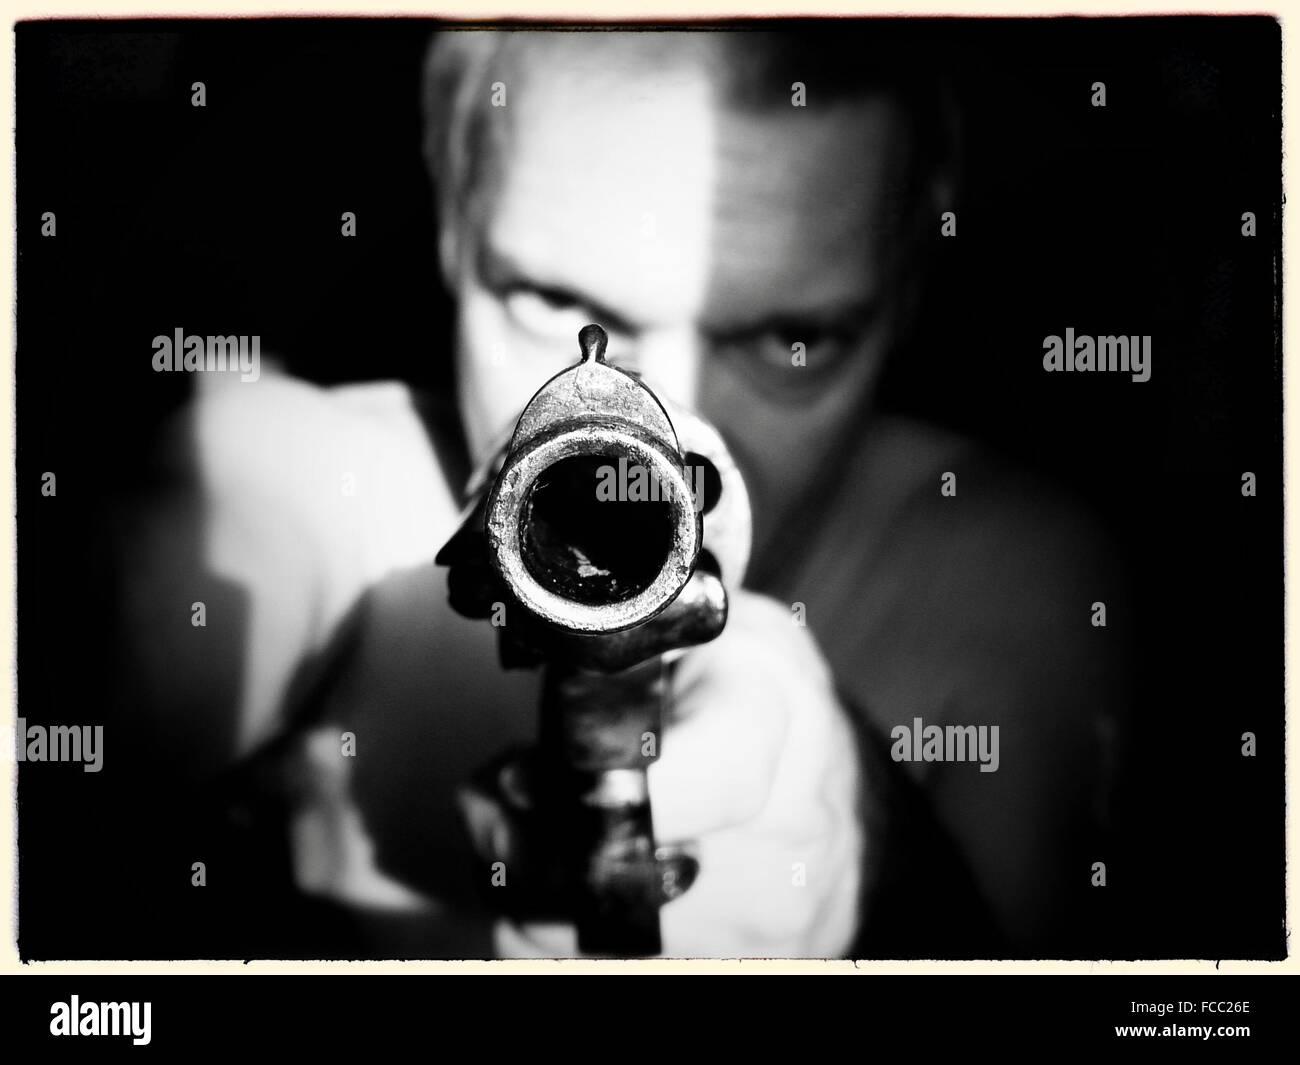 Man Aiming Gun At Camera - Stock Image